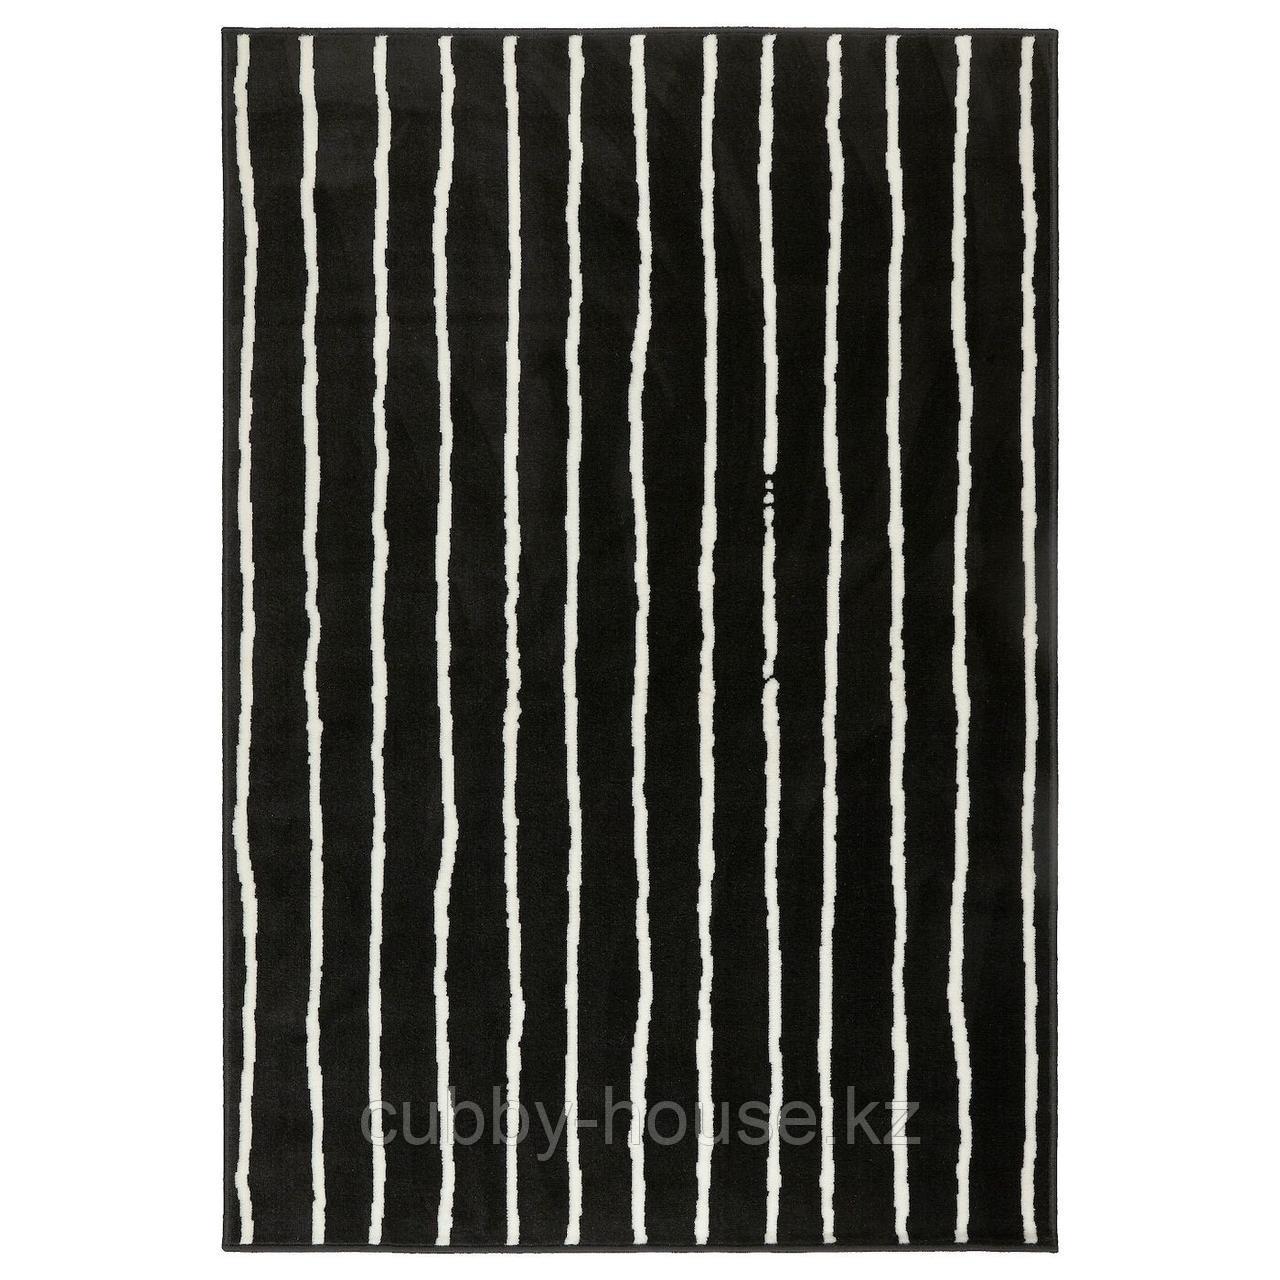 ГЁРЛЁСЕ Ковер, короткий ворс, черный/белый, 133x195 см